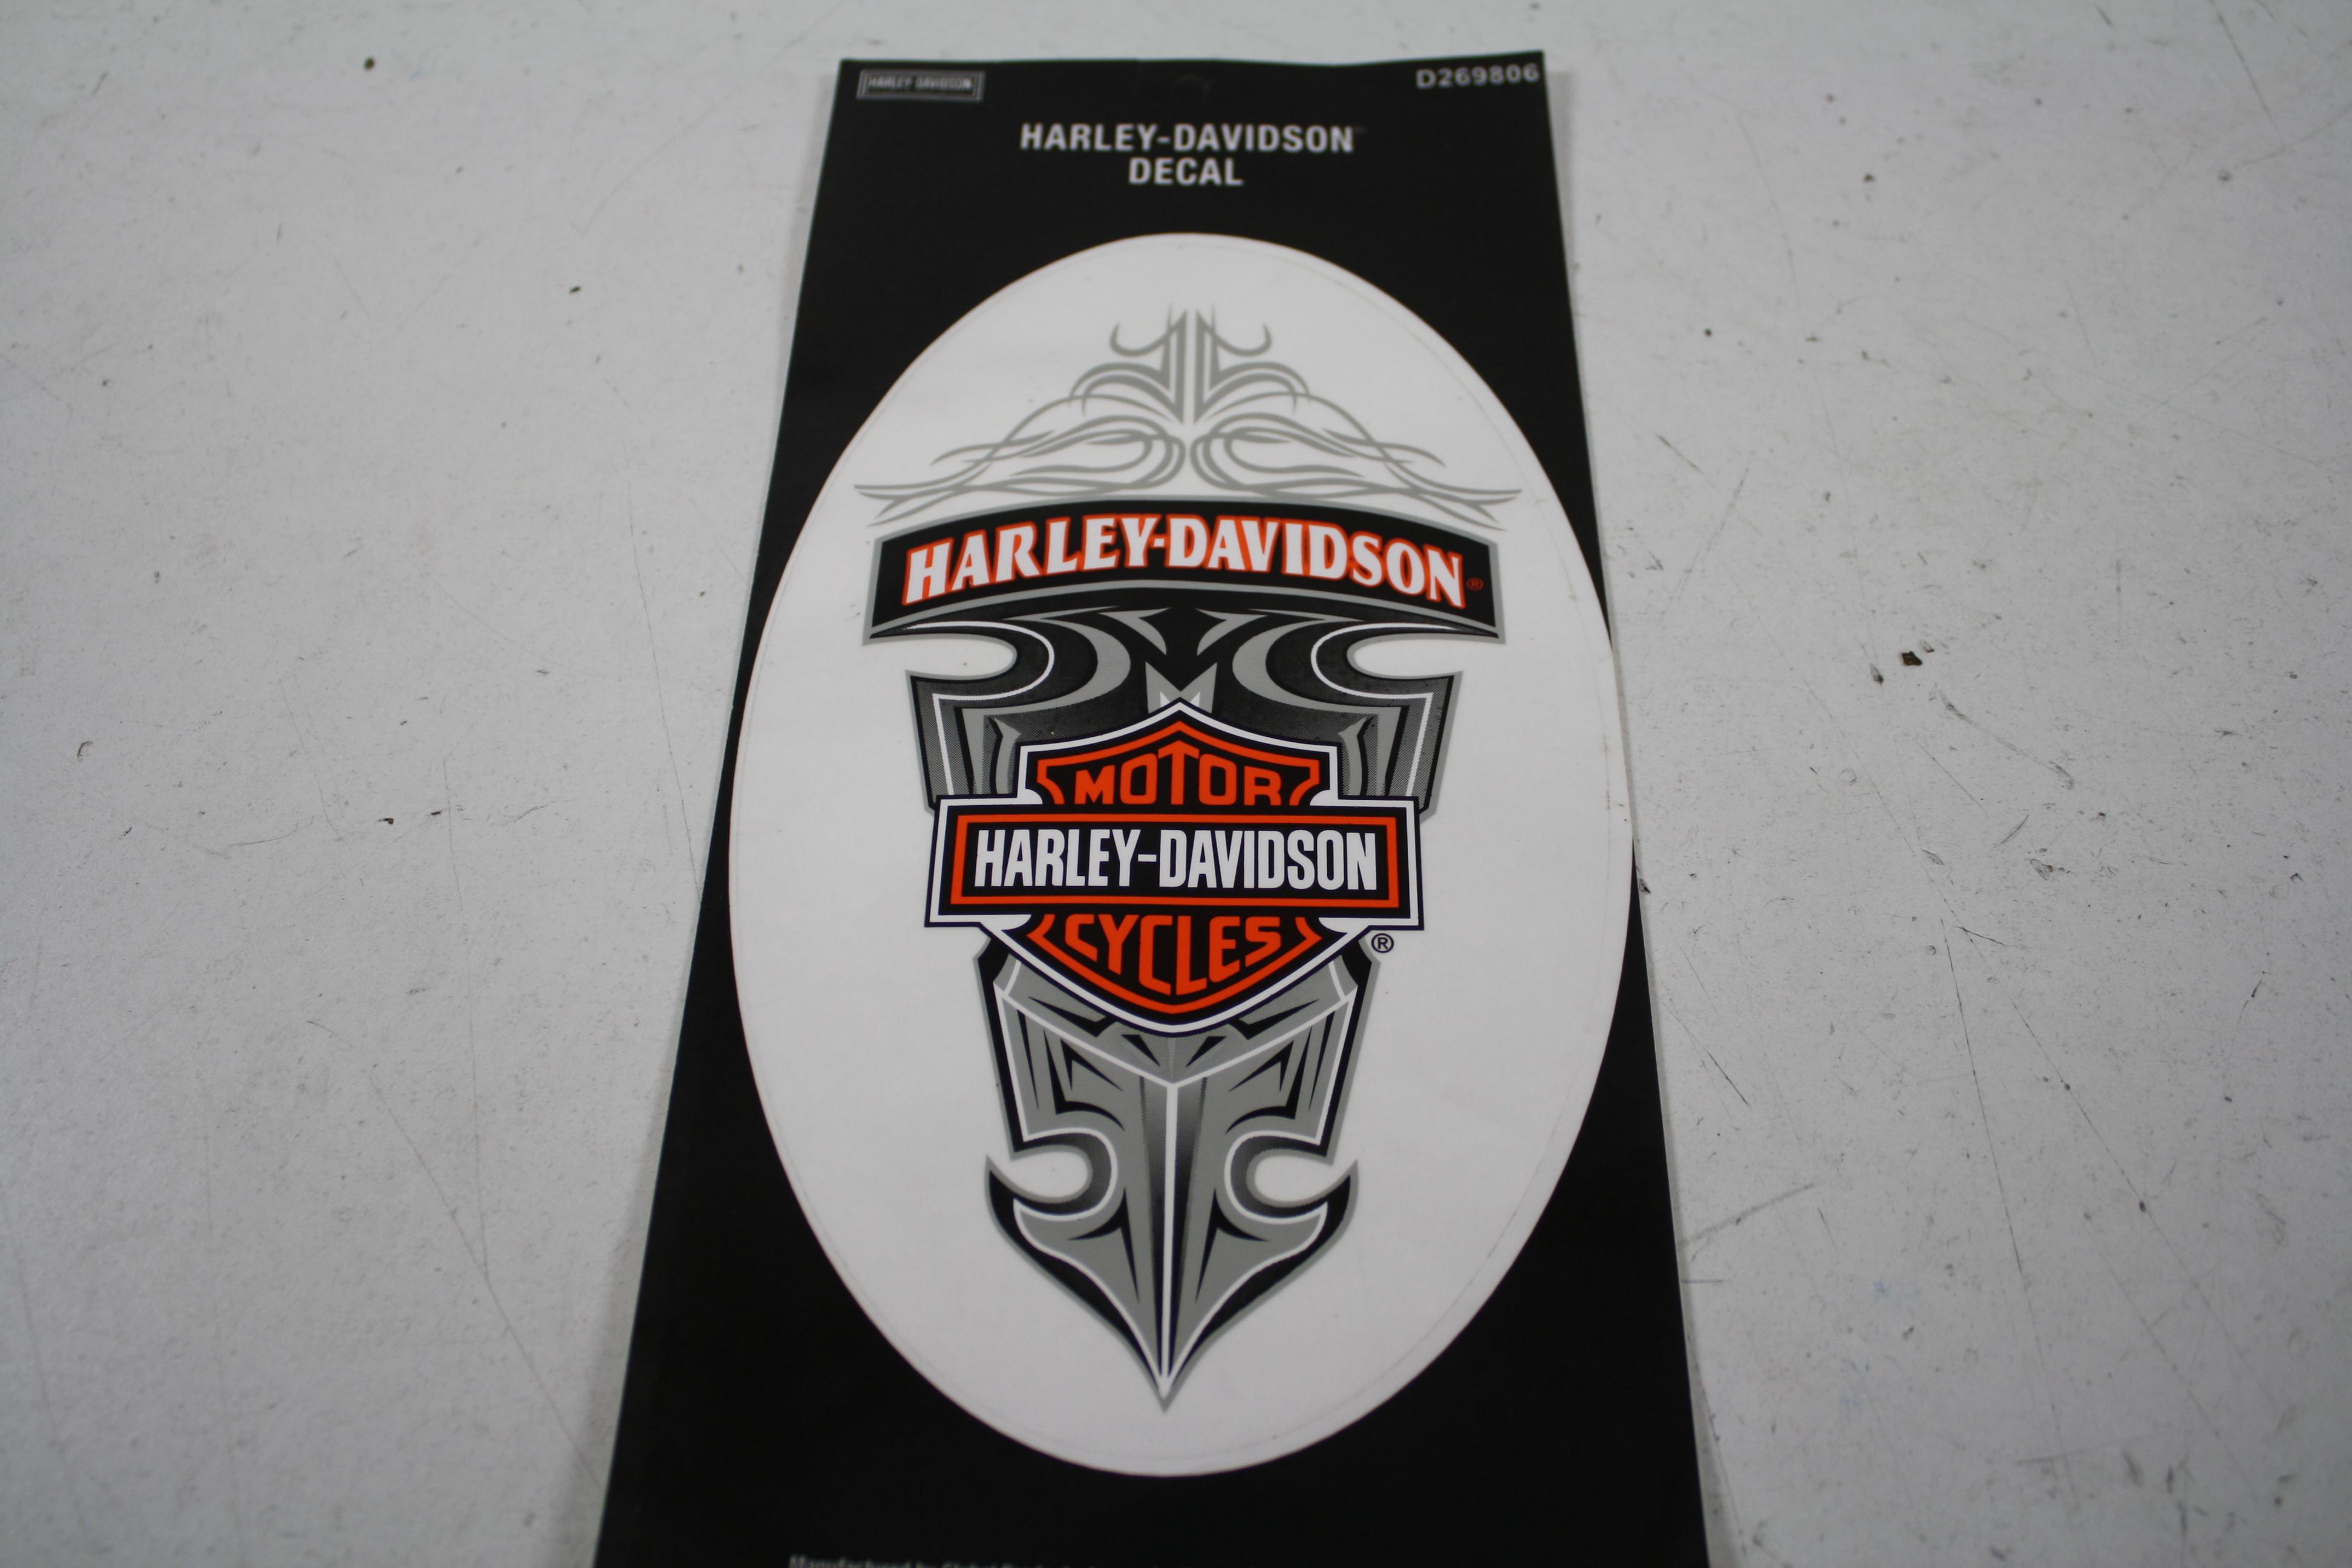 harley davidson aufkleber decal sticker d269806 ebay. Black Bedroom Furniture Sets. Home Design Ideas